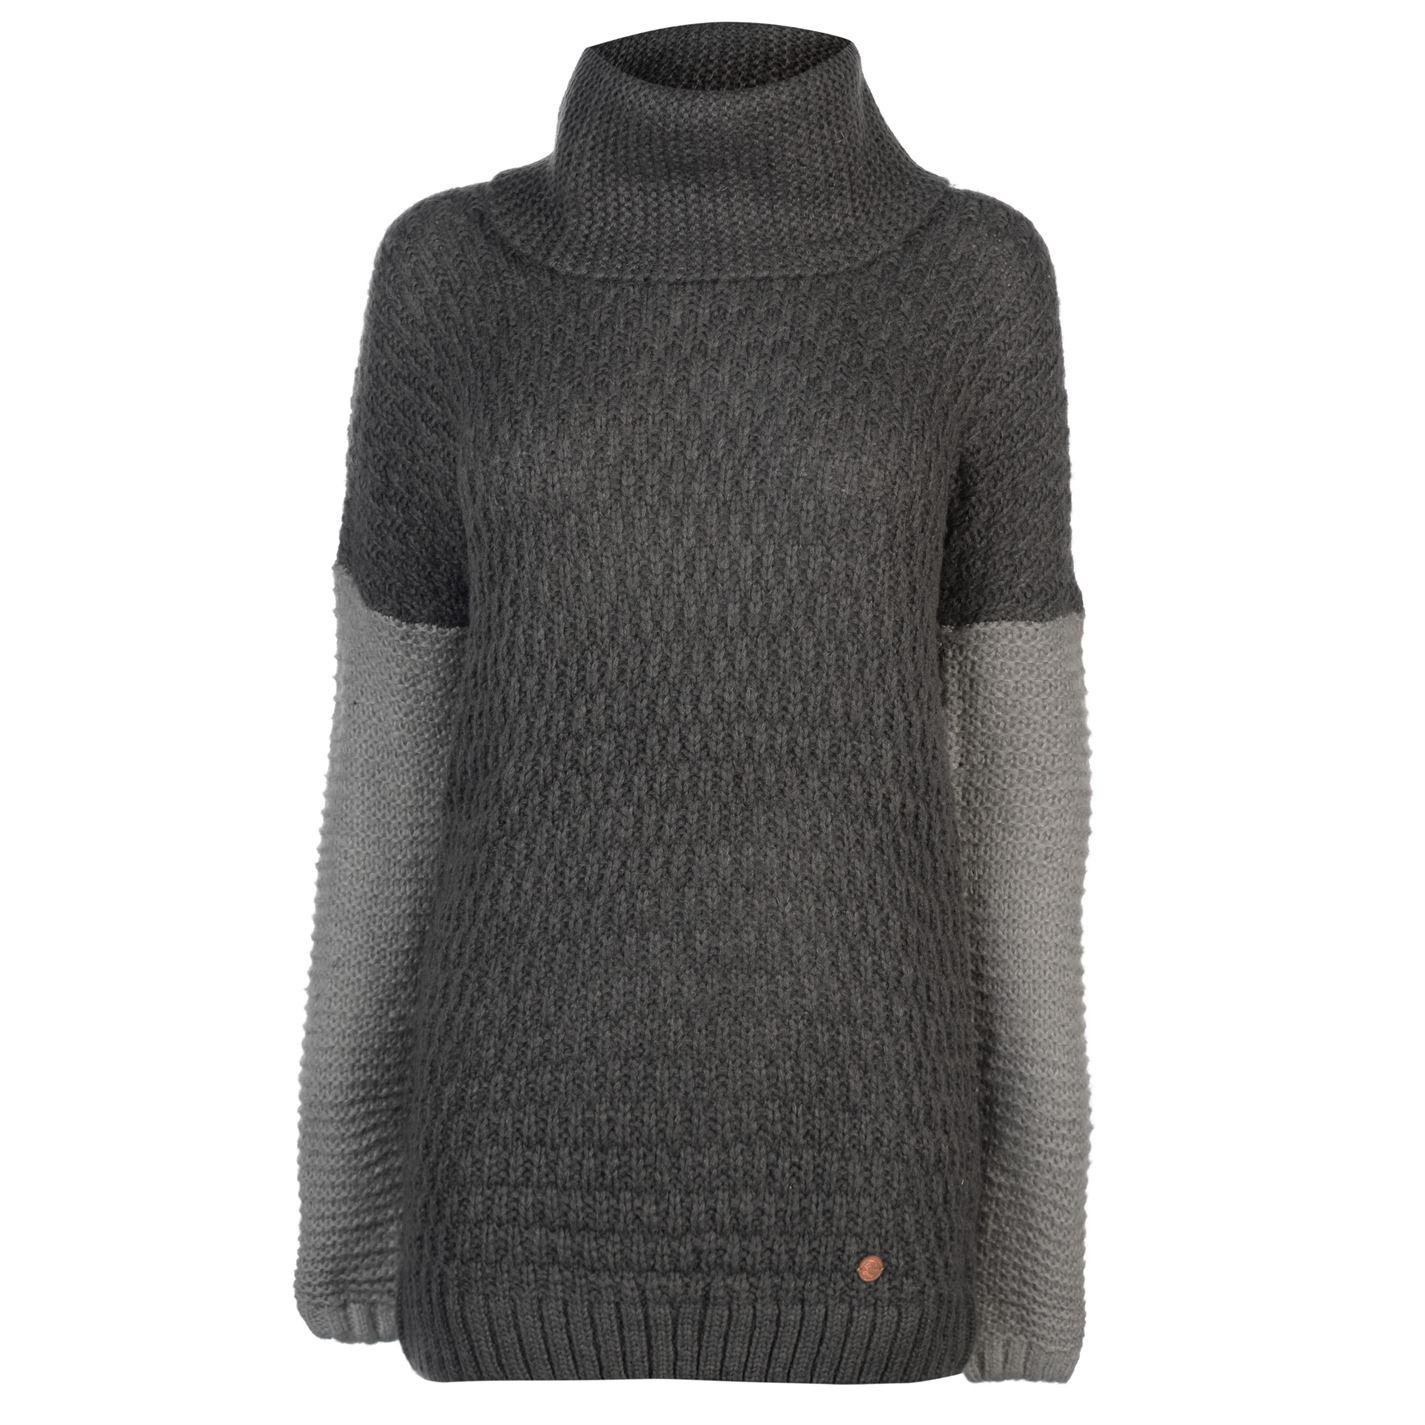 Women's sweatshirt Lee Cooper Textured All Over Print